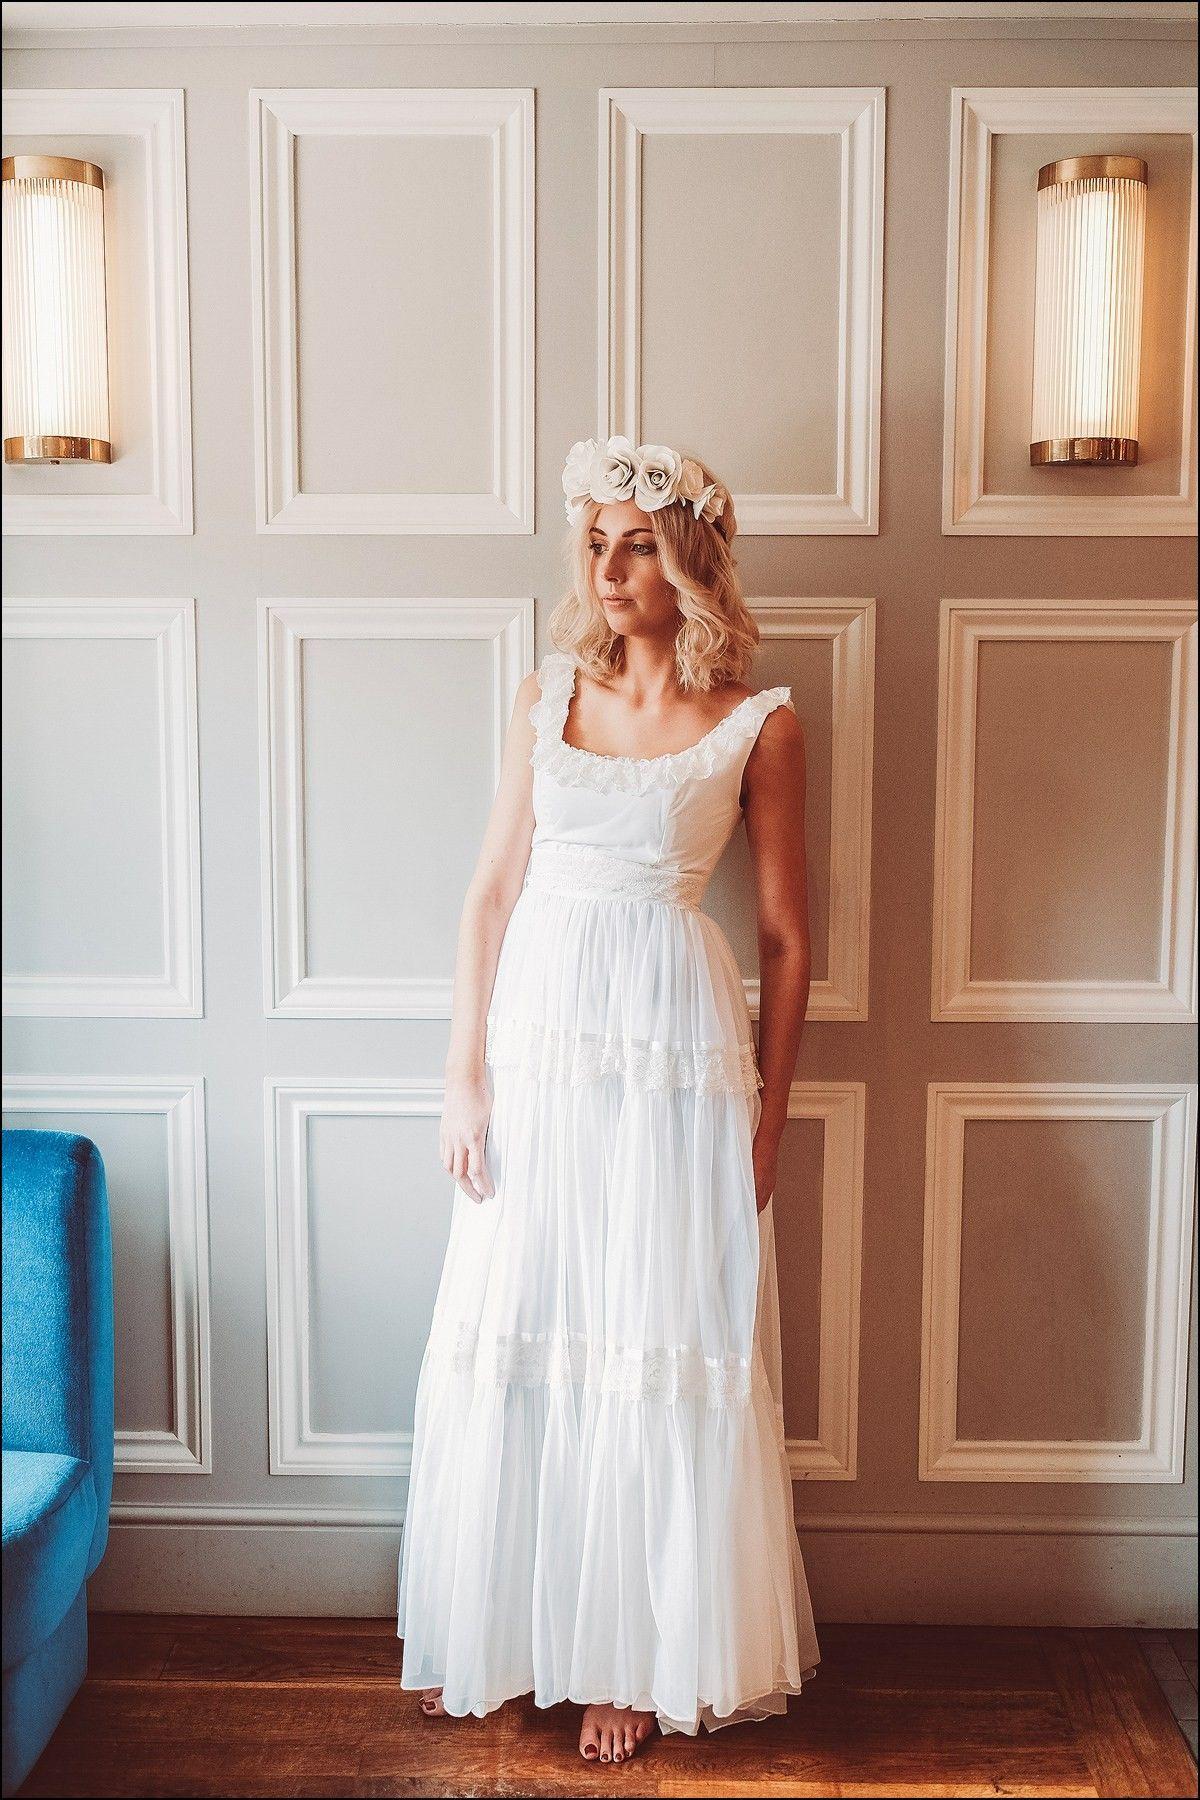 Niedlich Bridesmaid Dresses Wetherill Park Bilder - Hochzeit Kleid ...